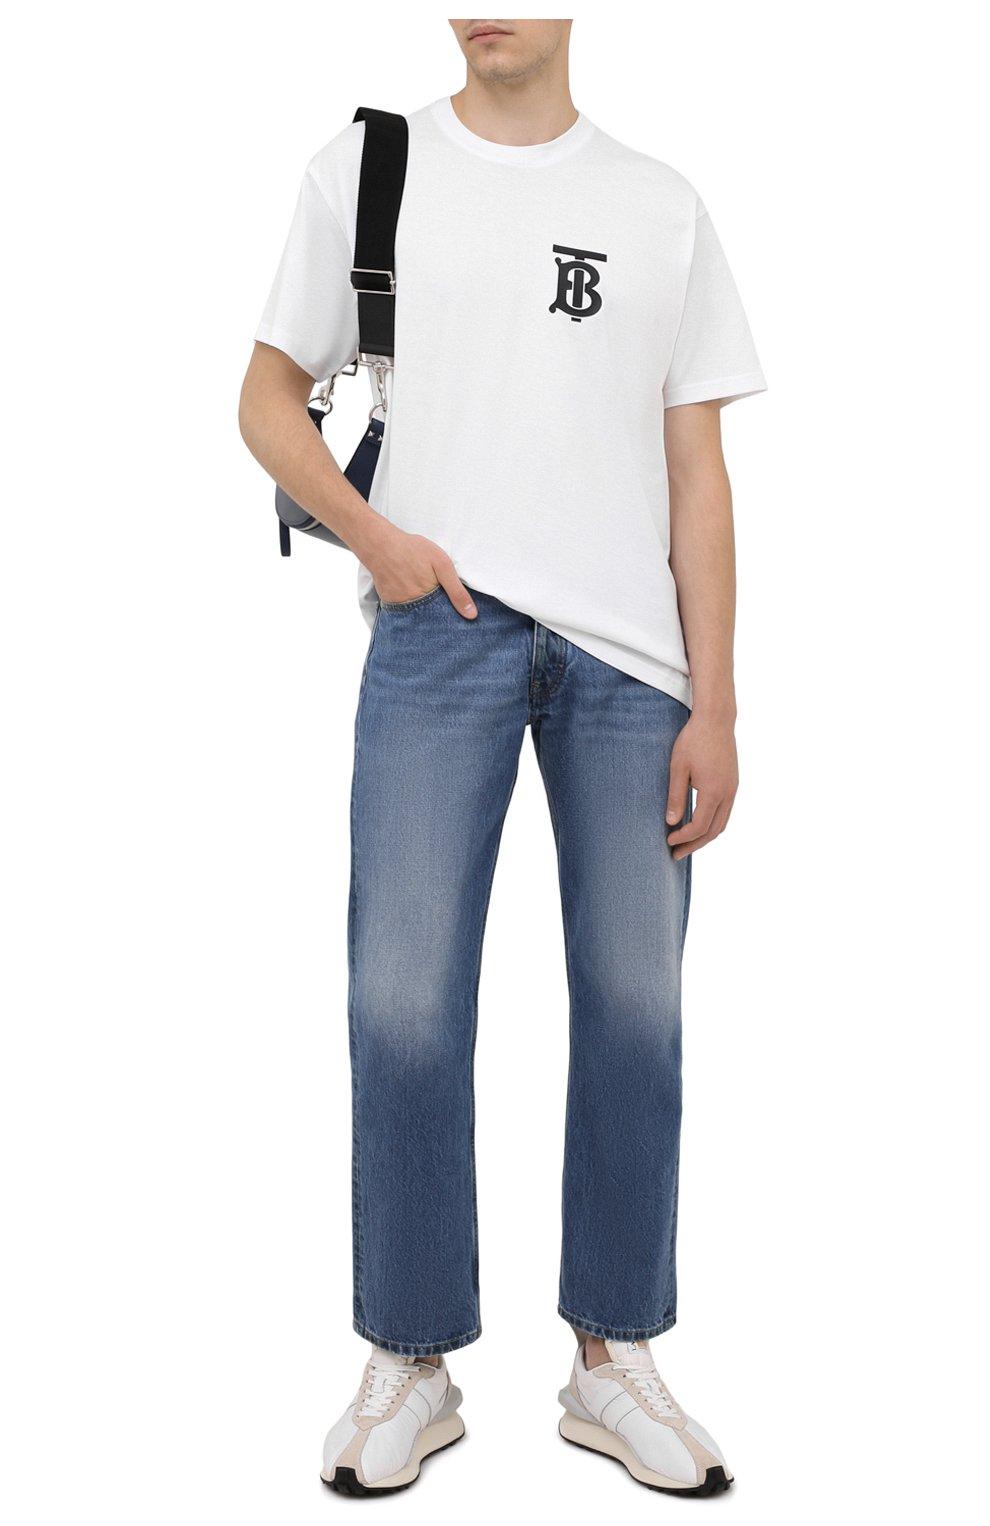 Мужские джинсы MAISON MARGIELA синего цвета, арт. S50LA0189/S30561 | Фото 2 (Силуэт М (брюки): Широкие; Кросс-КТ: Деним; Длина (брюки, джинсы): Стандартные; Материал внешний: Хлопок; Детали: Потертости; Стили: Минимализм)